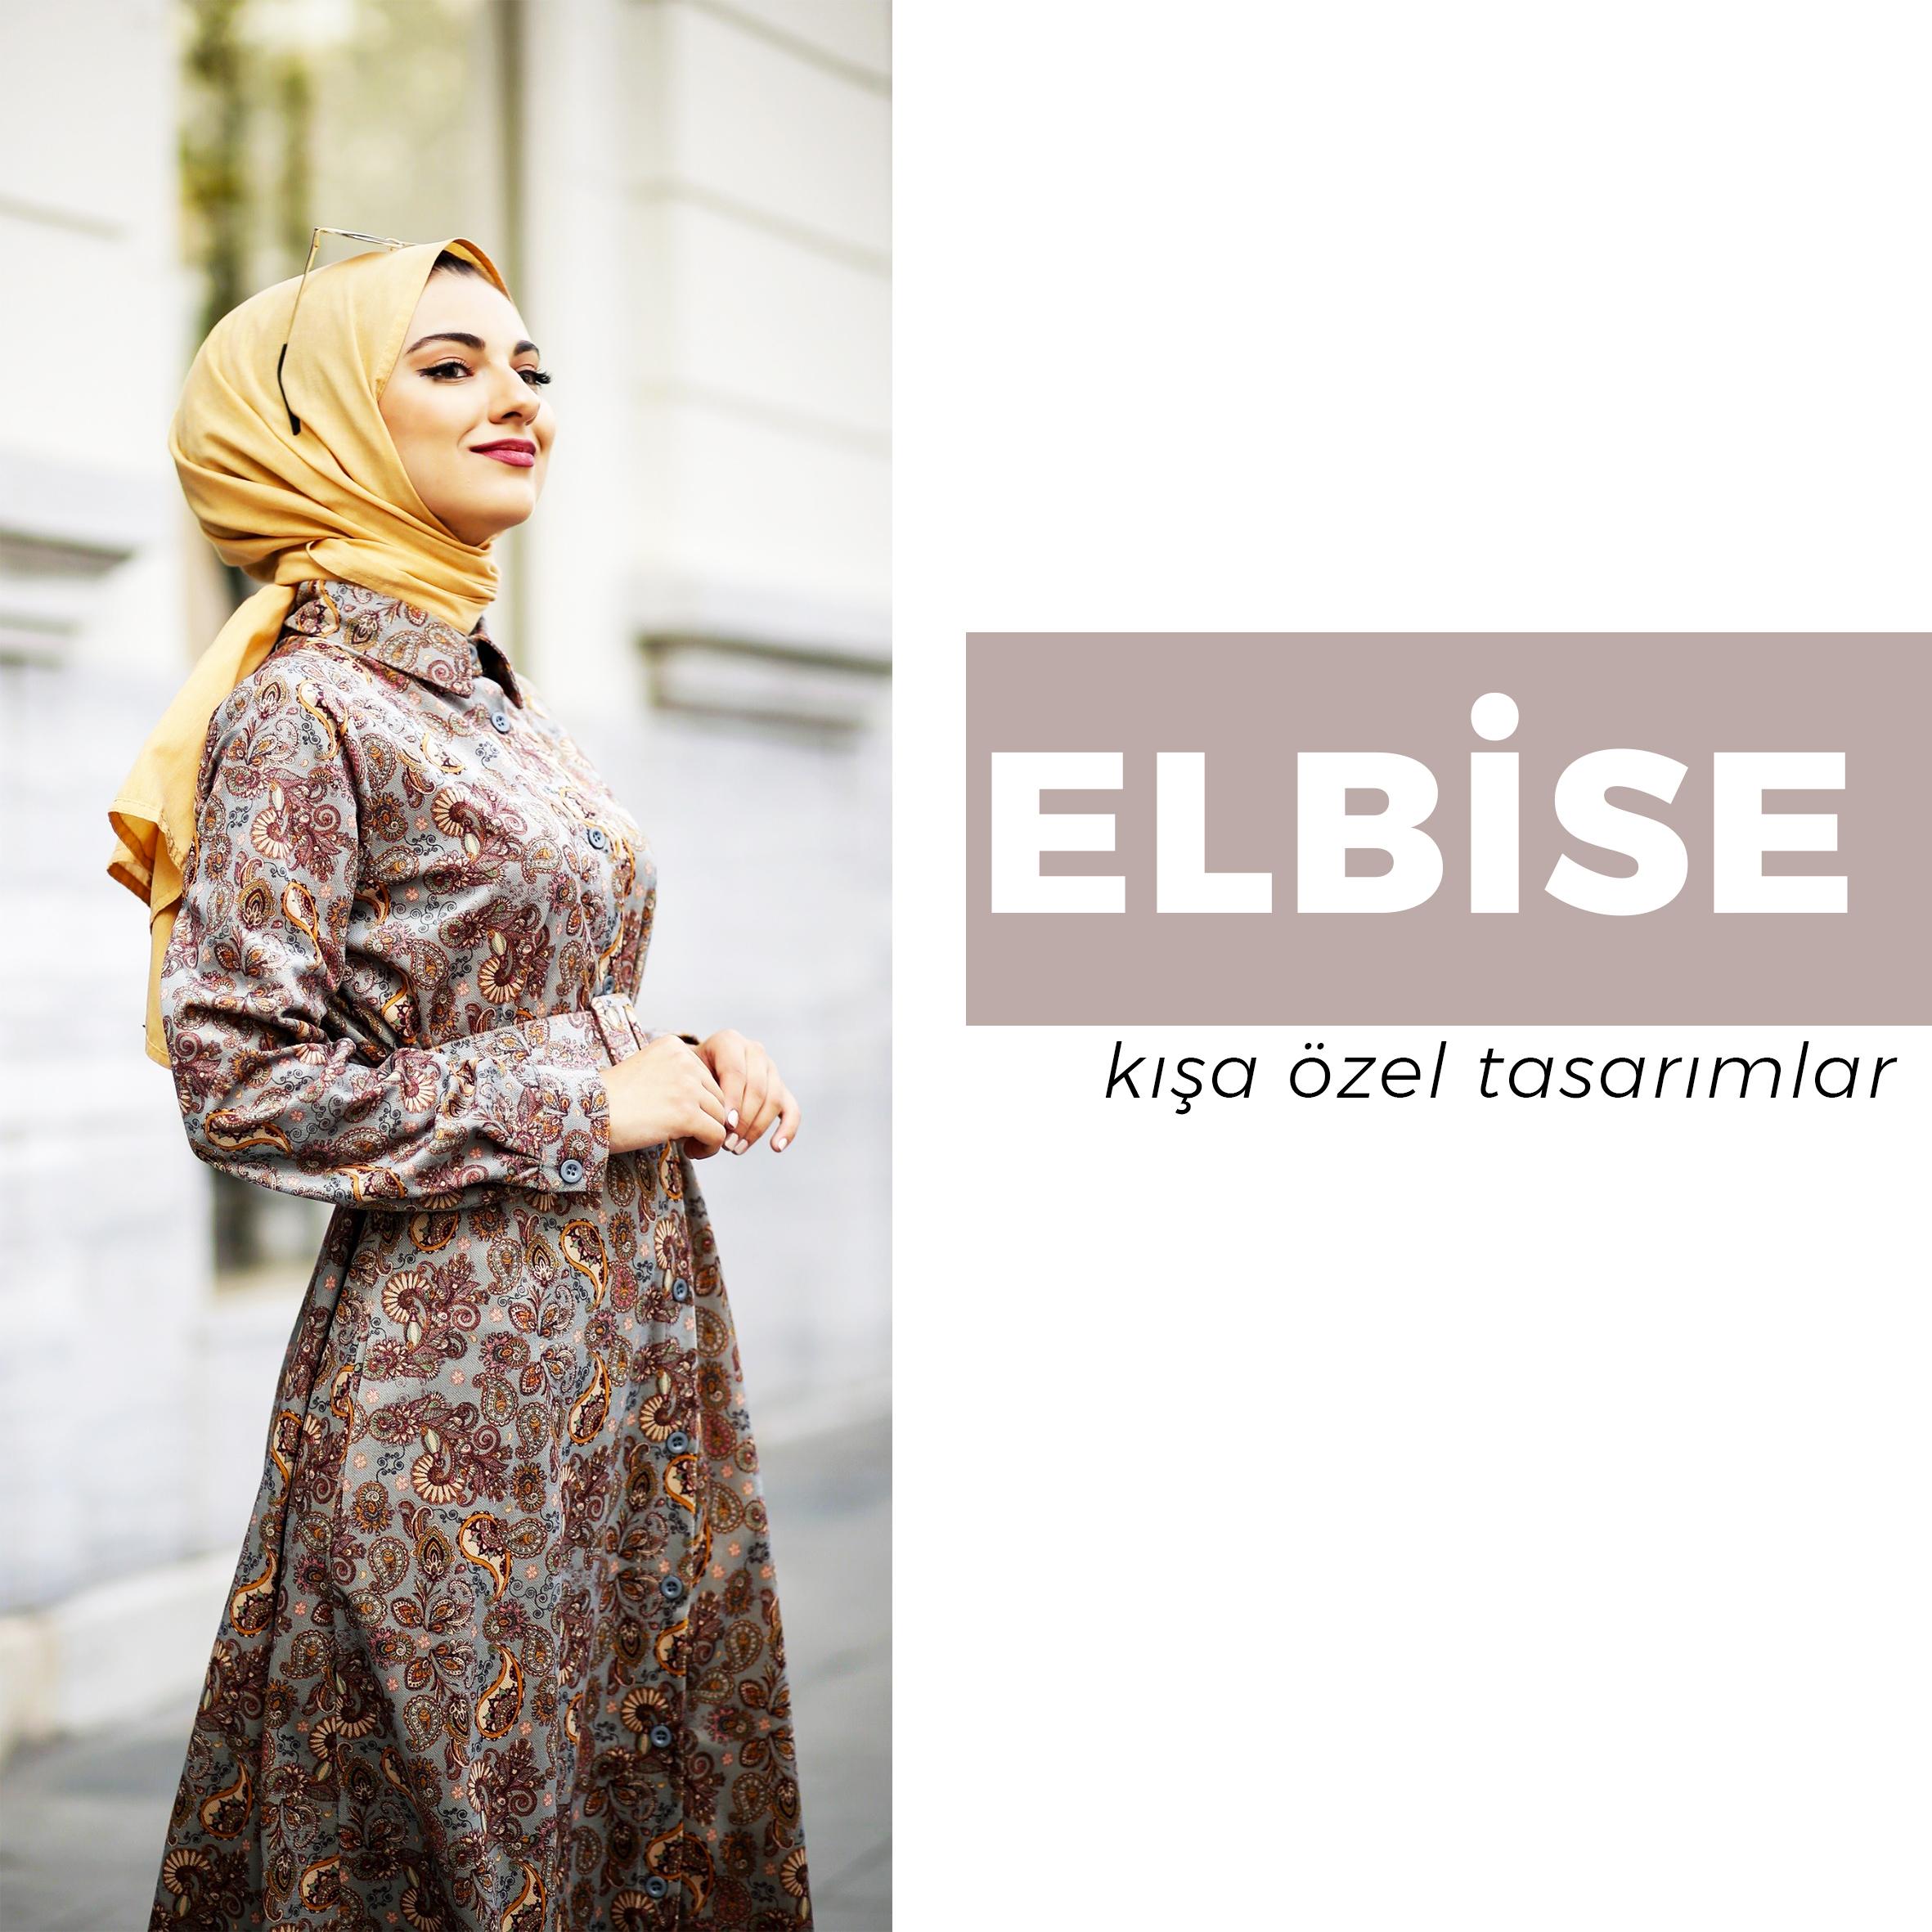 ELBİSE